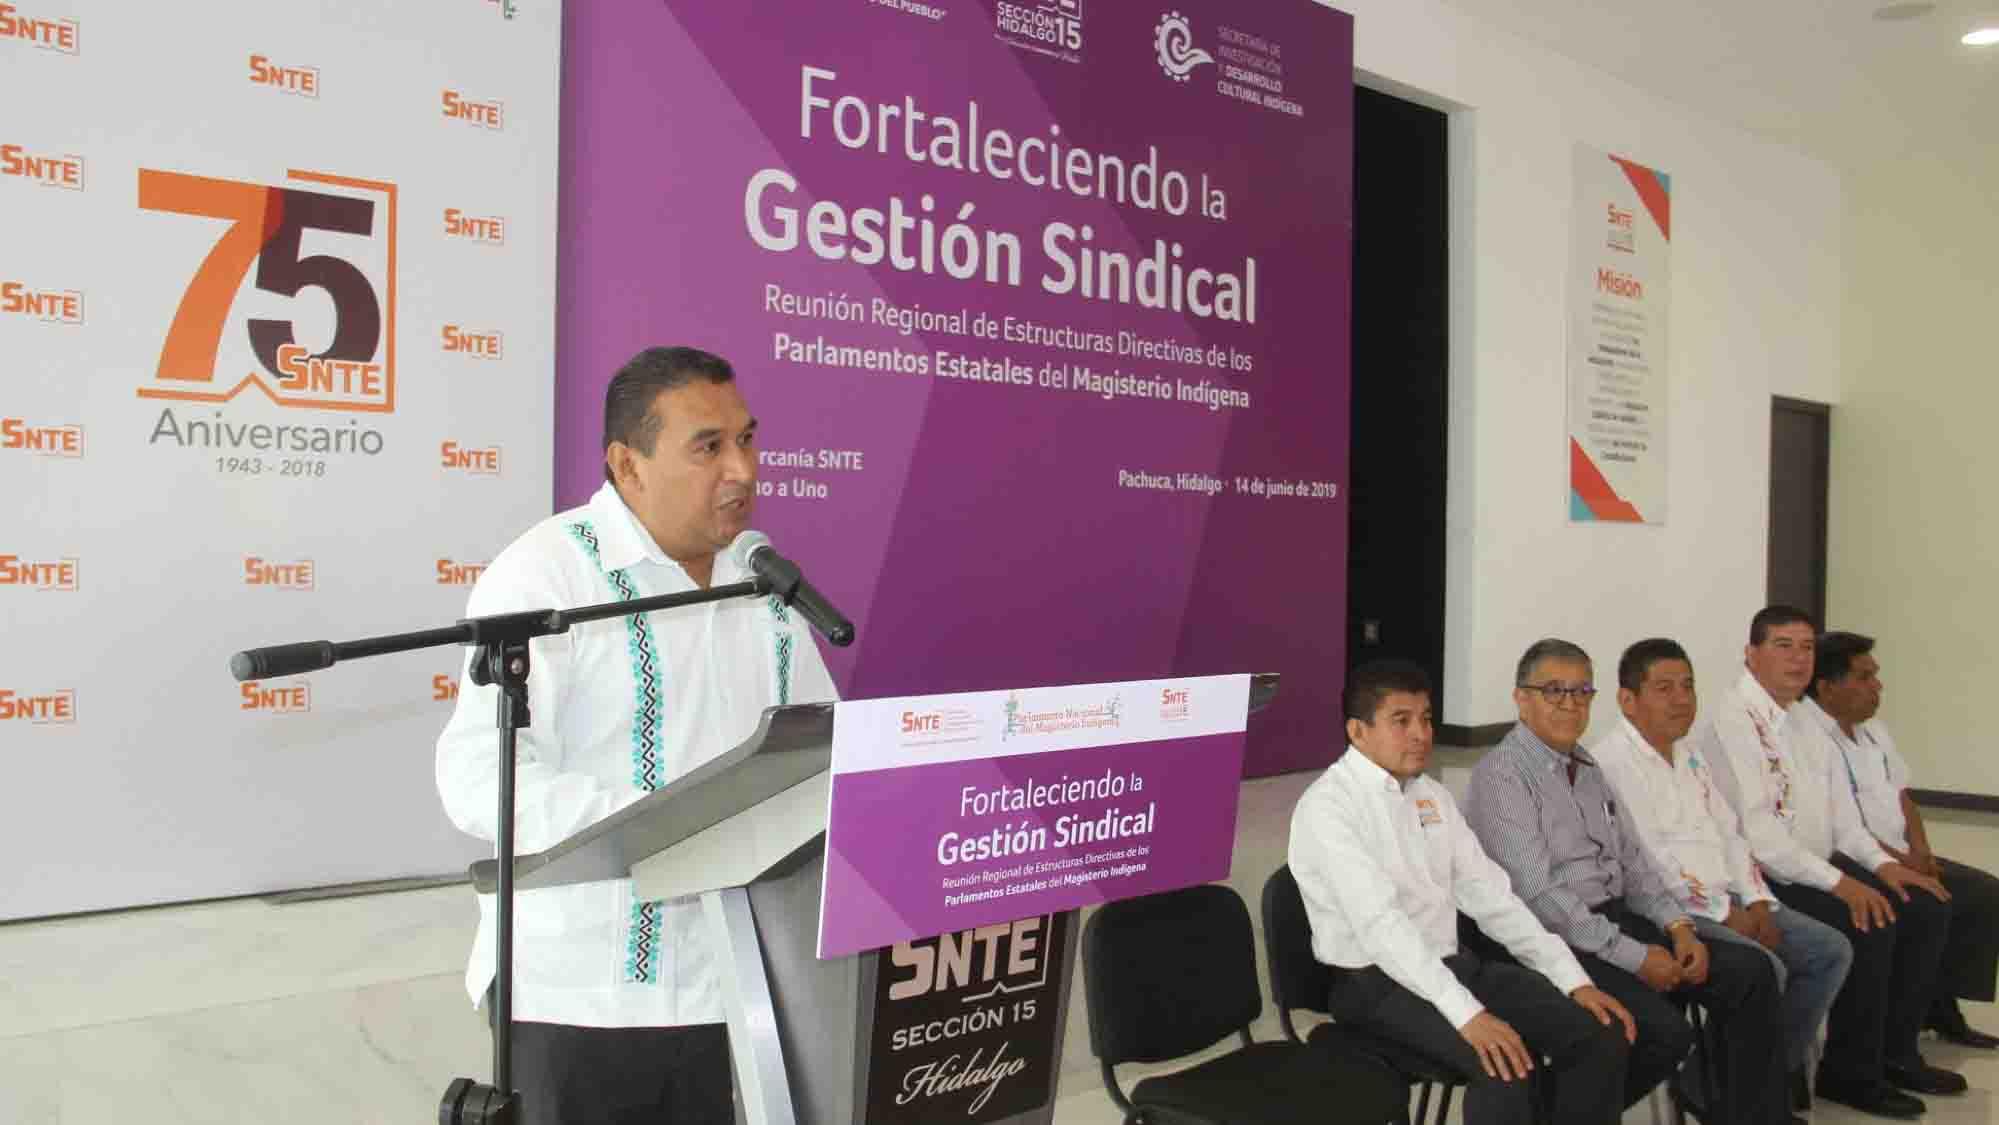 'Segunda Reunión Regional de Estructuras Directivas de los Parlamentos Estatales del Magisterio Indígena'